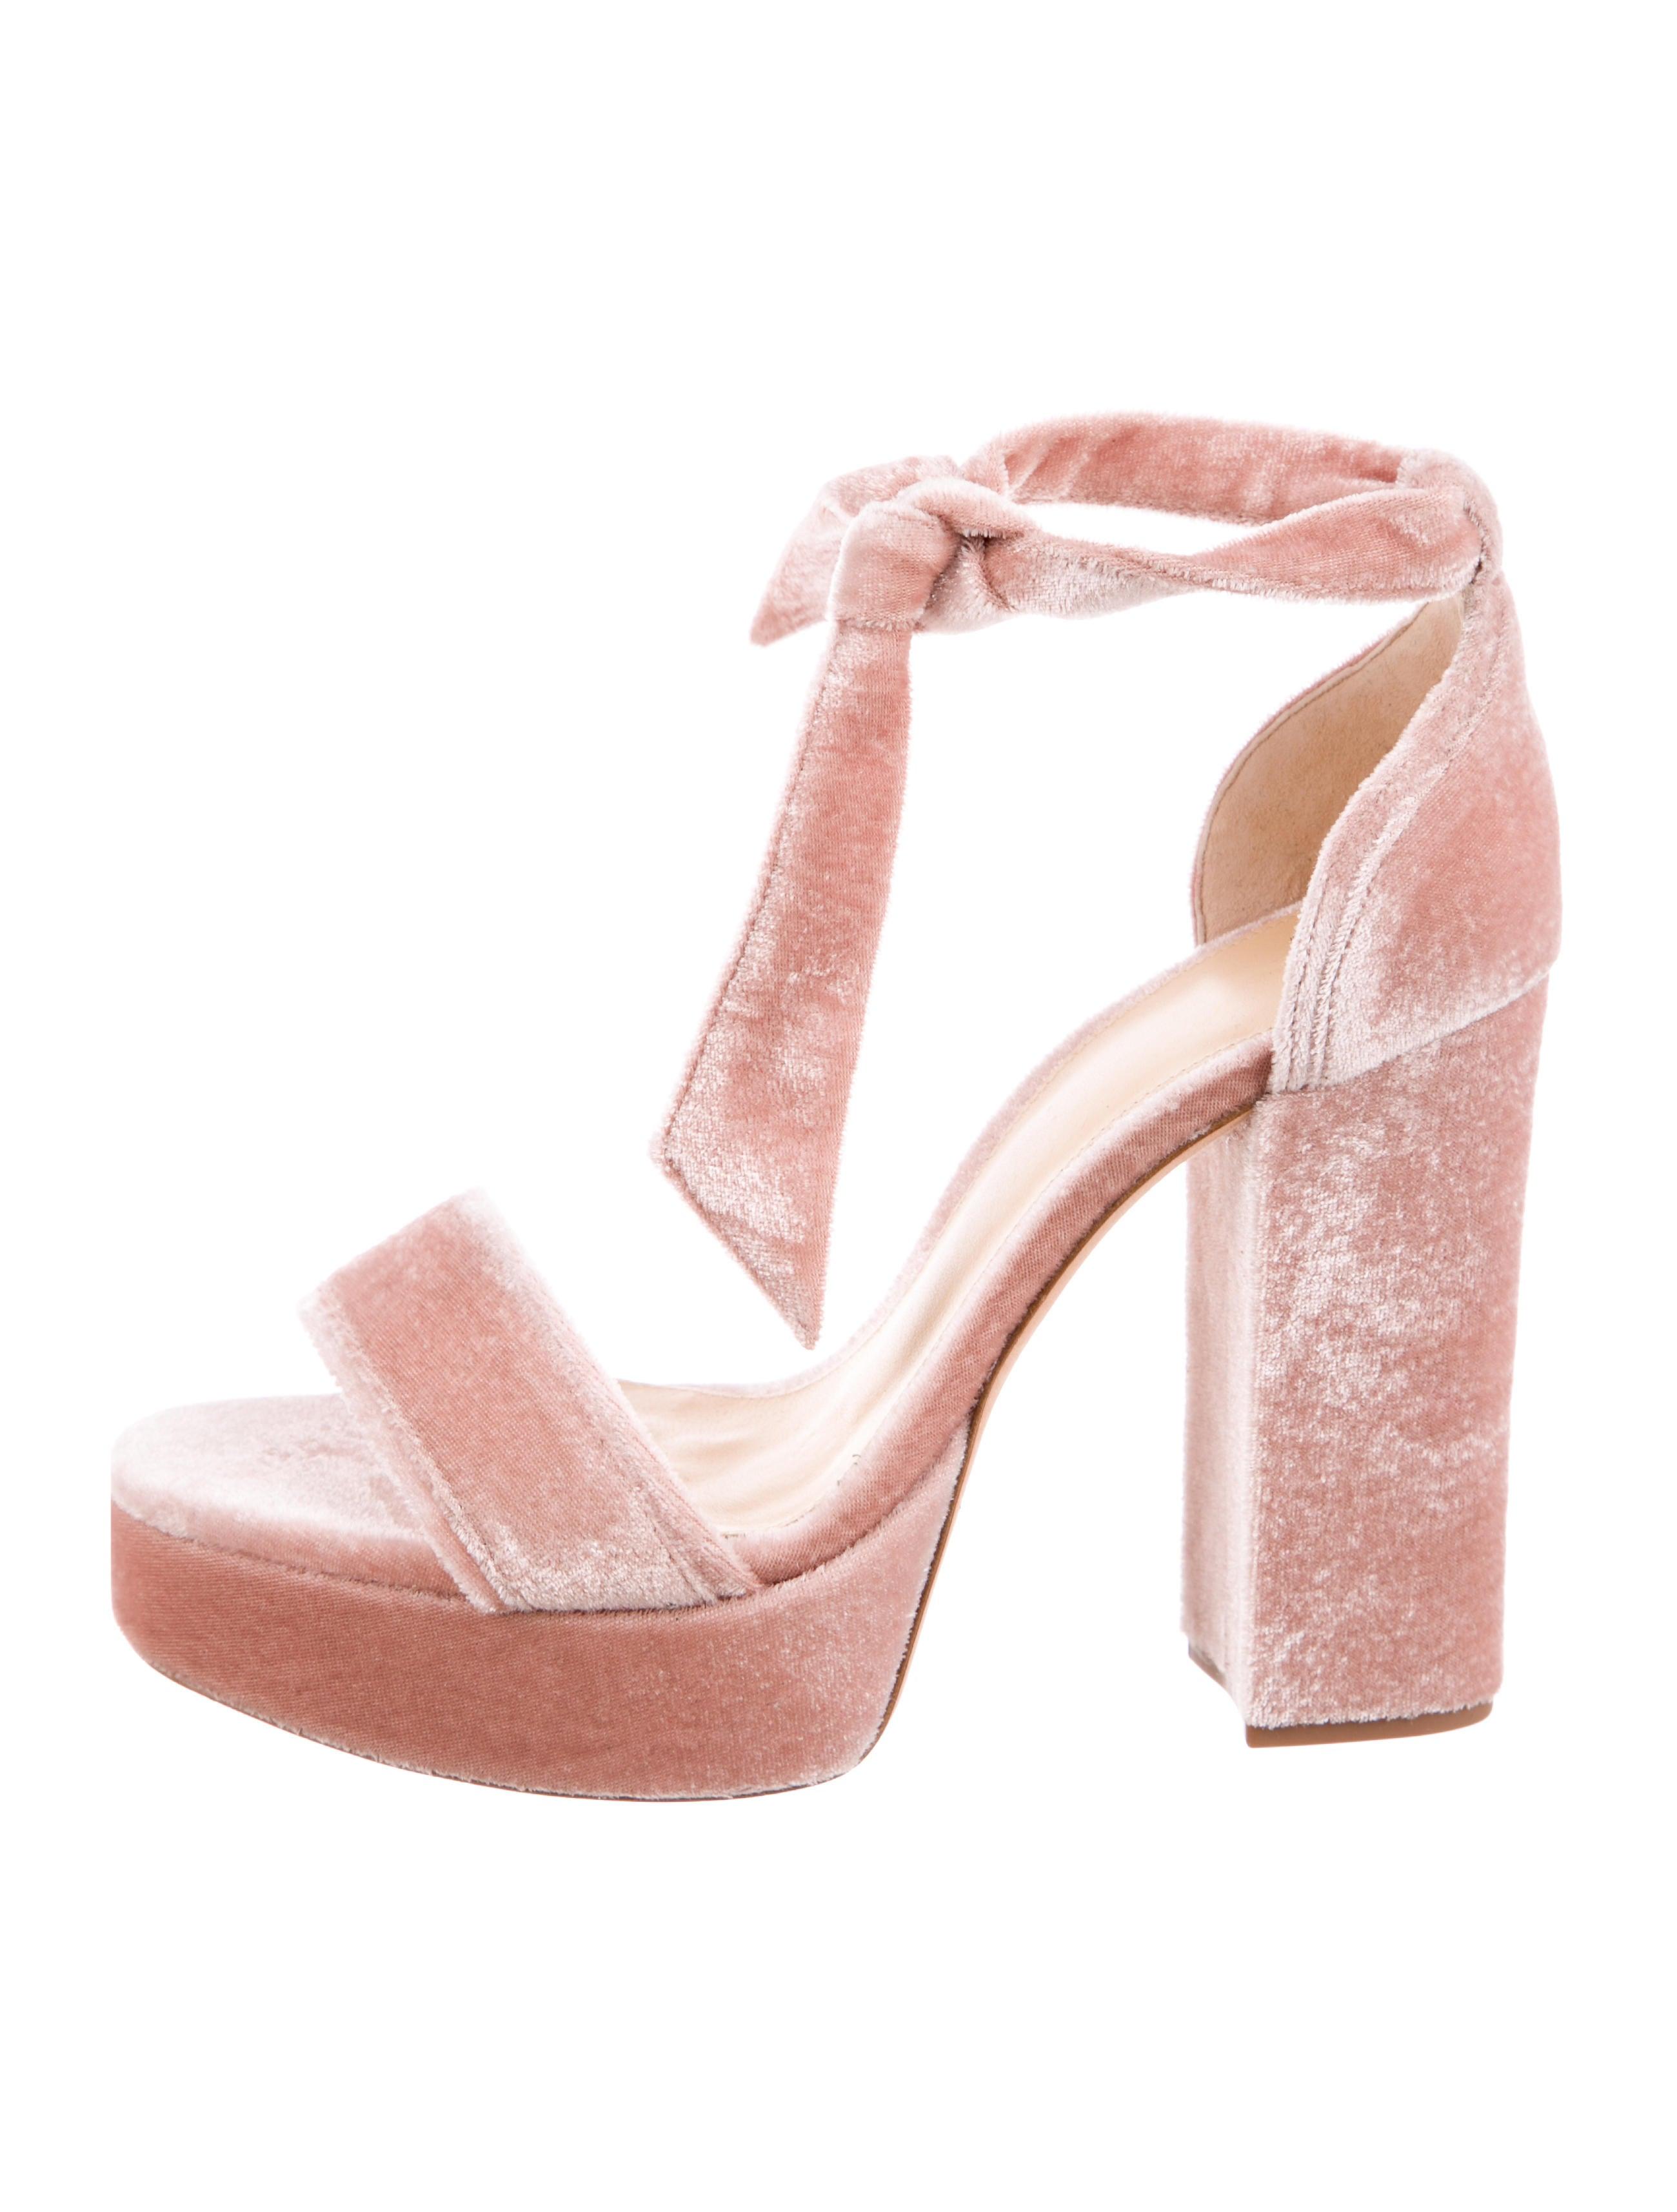 099e5d11186 Celine Platform Sandals w/ Tags